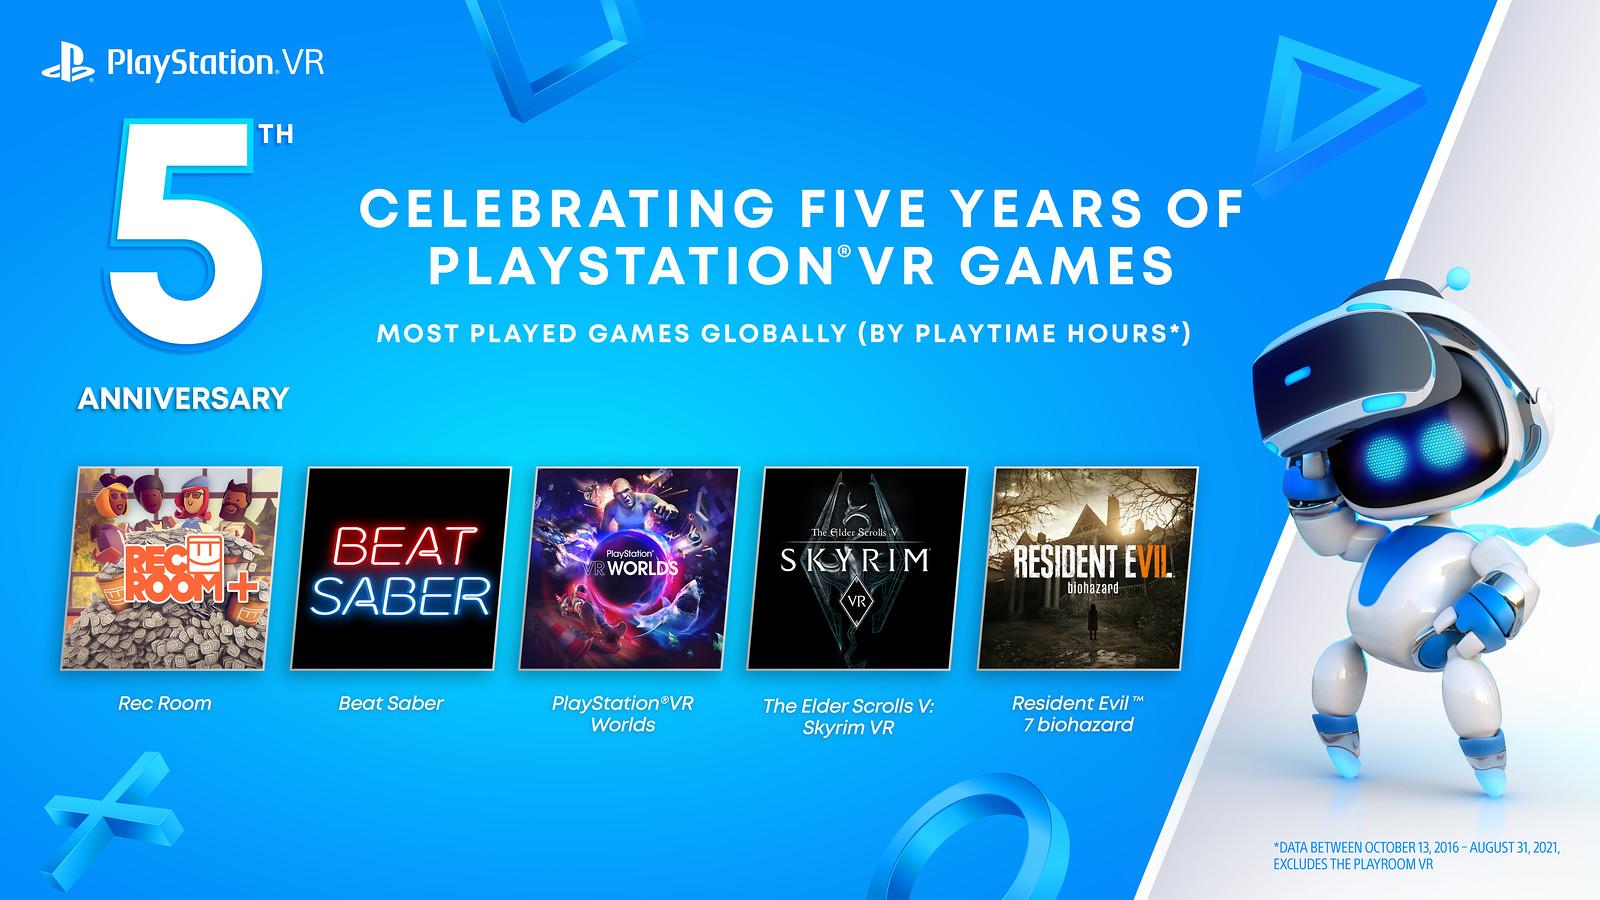 庆祝PSVR发售5周年 PS+会员免费获得三款VR游戏